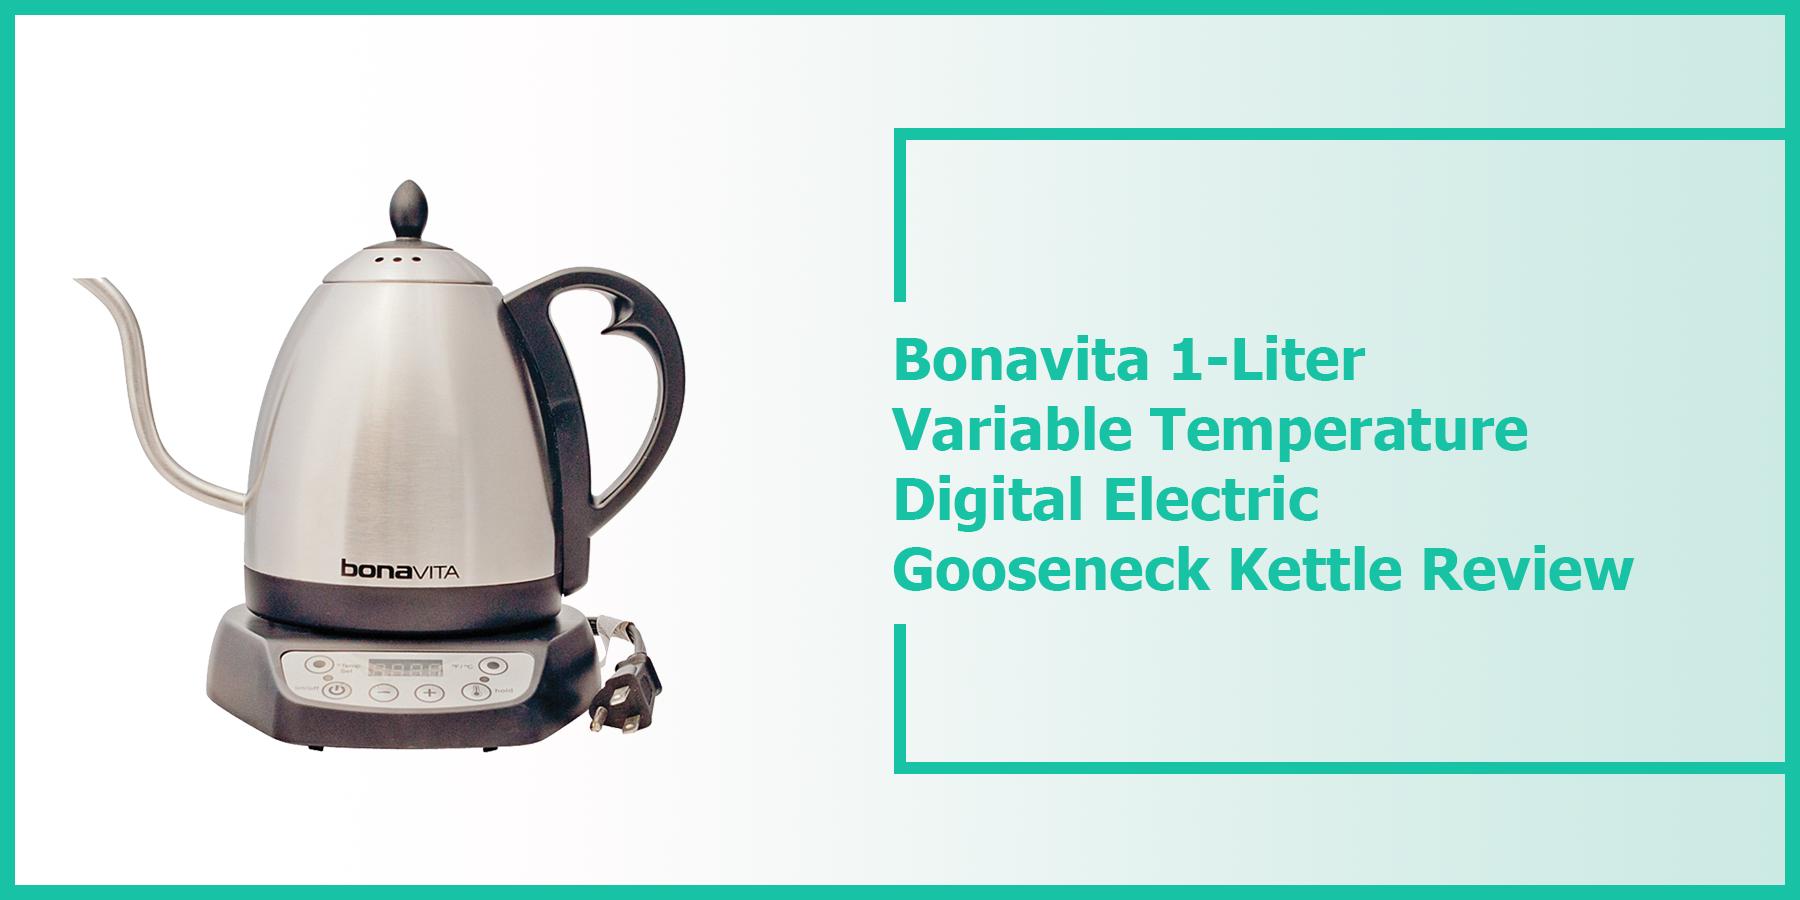 Bonavita 1-Liter Variable Temperature Digital Electric Gooseneck Kettle Review